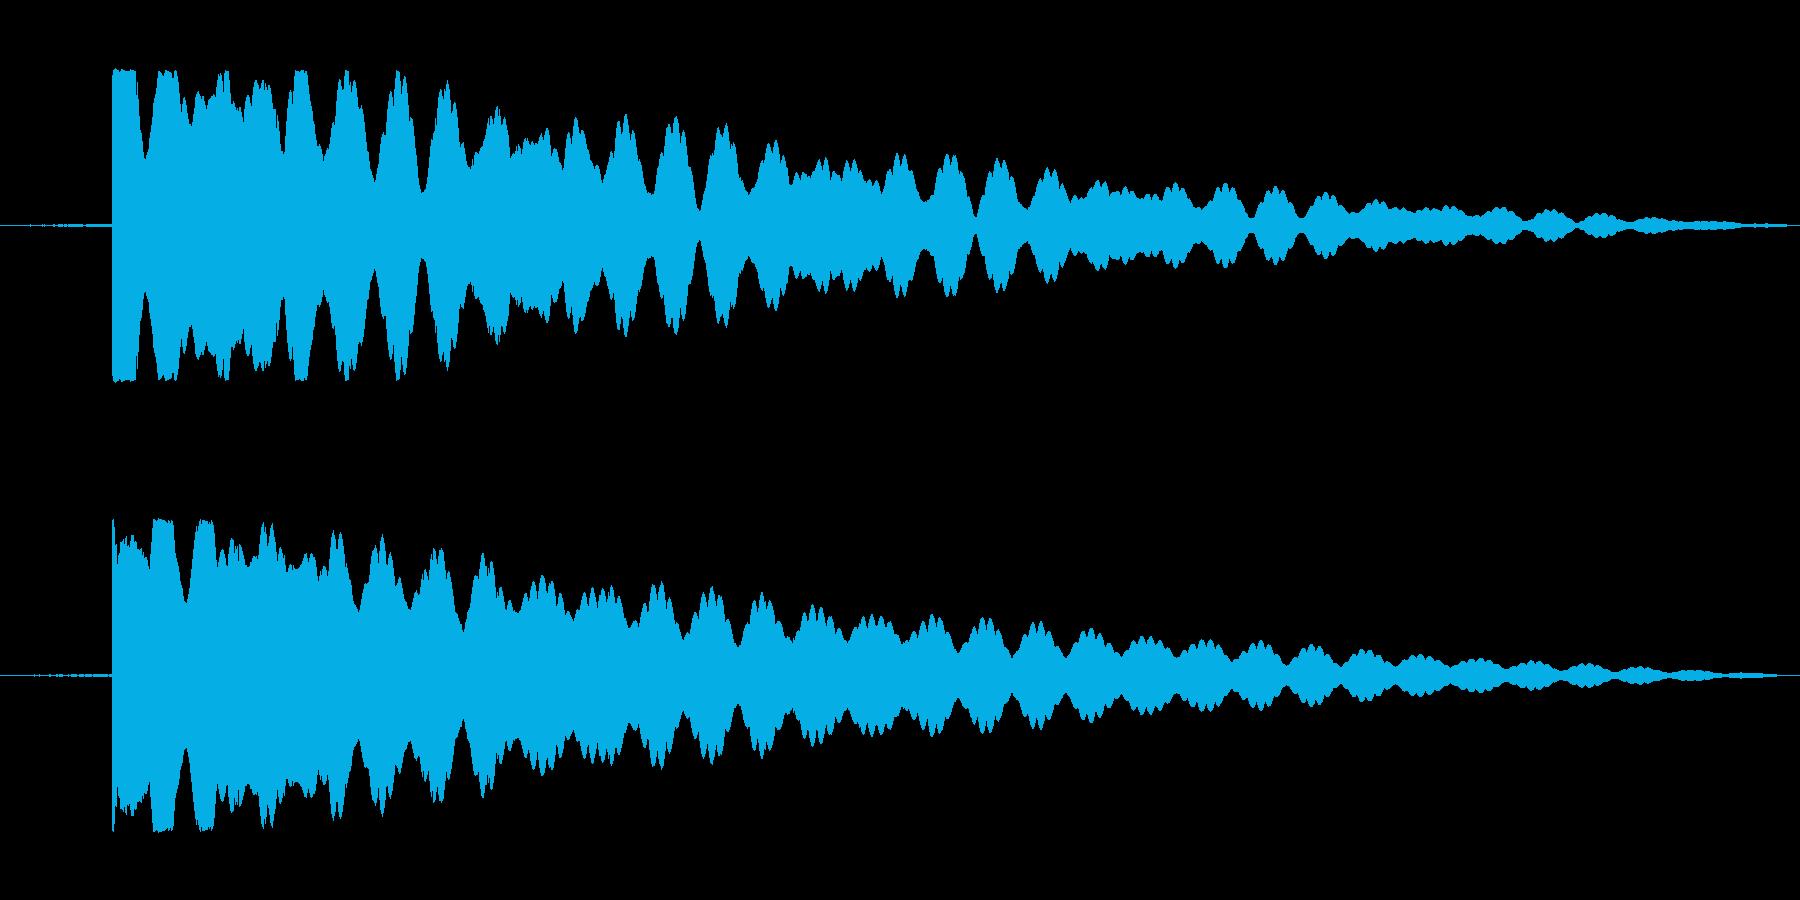 仏壇、おりんの音。の再生済みの波形